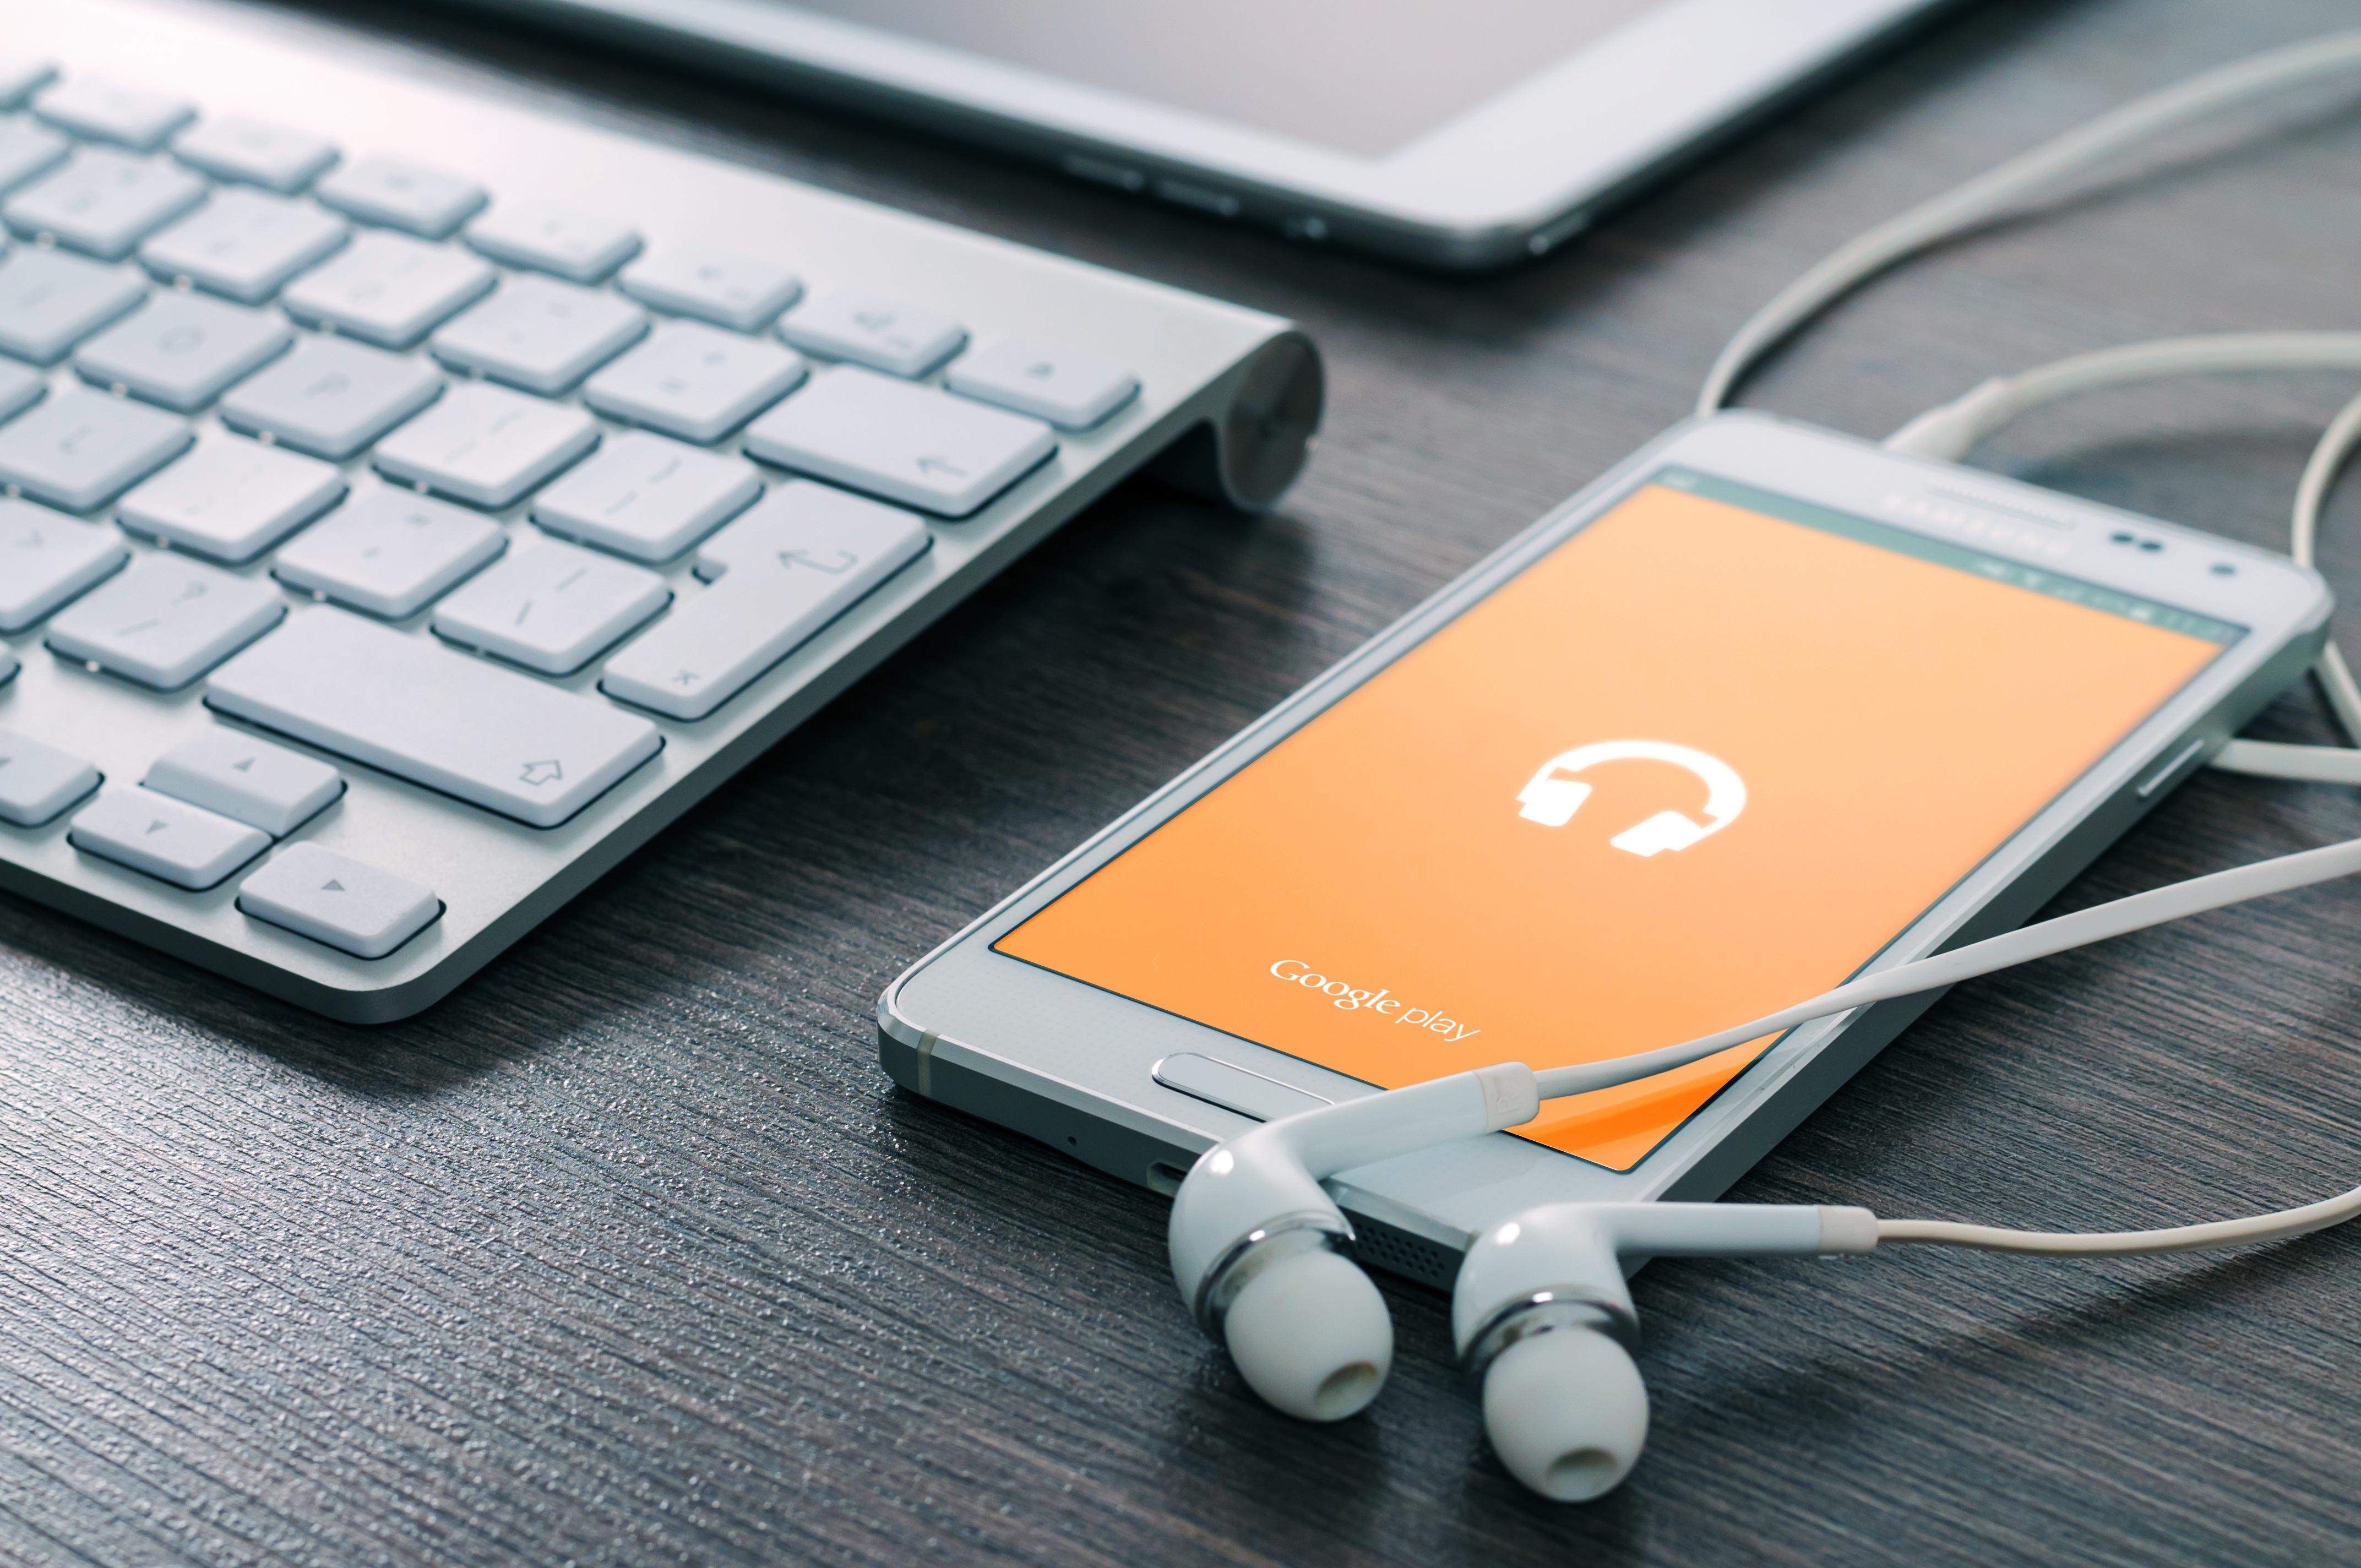 Comment choisir sa propre sonnerie de téléphone, de notifications ou de réveil sur son smartphone Android ? – Tutoriel